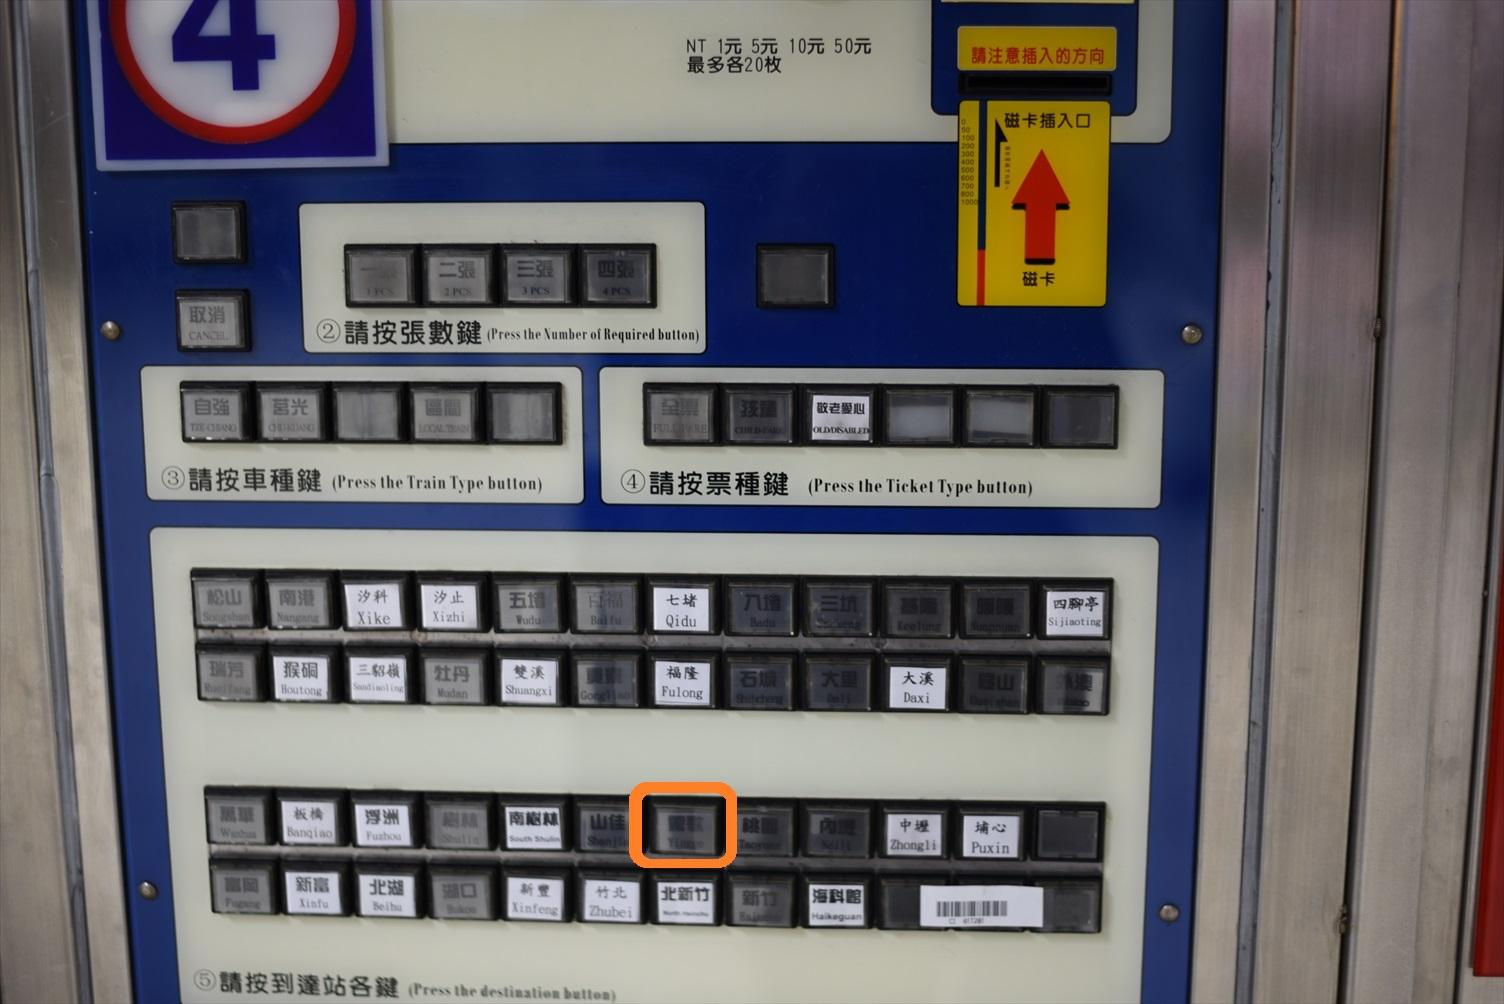 鶯歌 台北駅 切符販売機